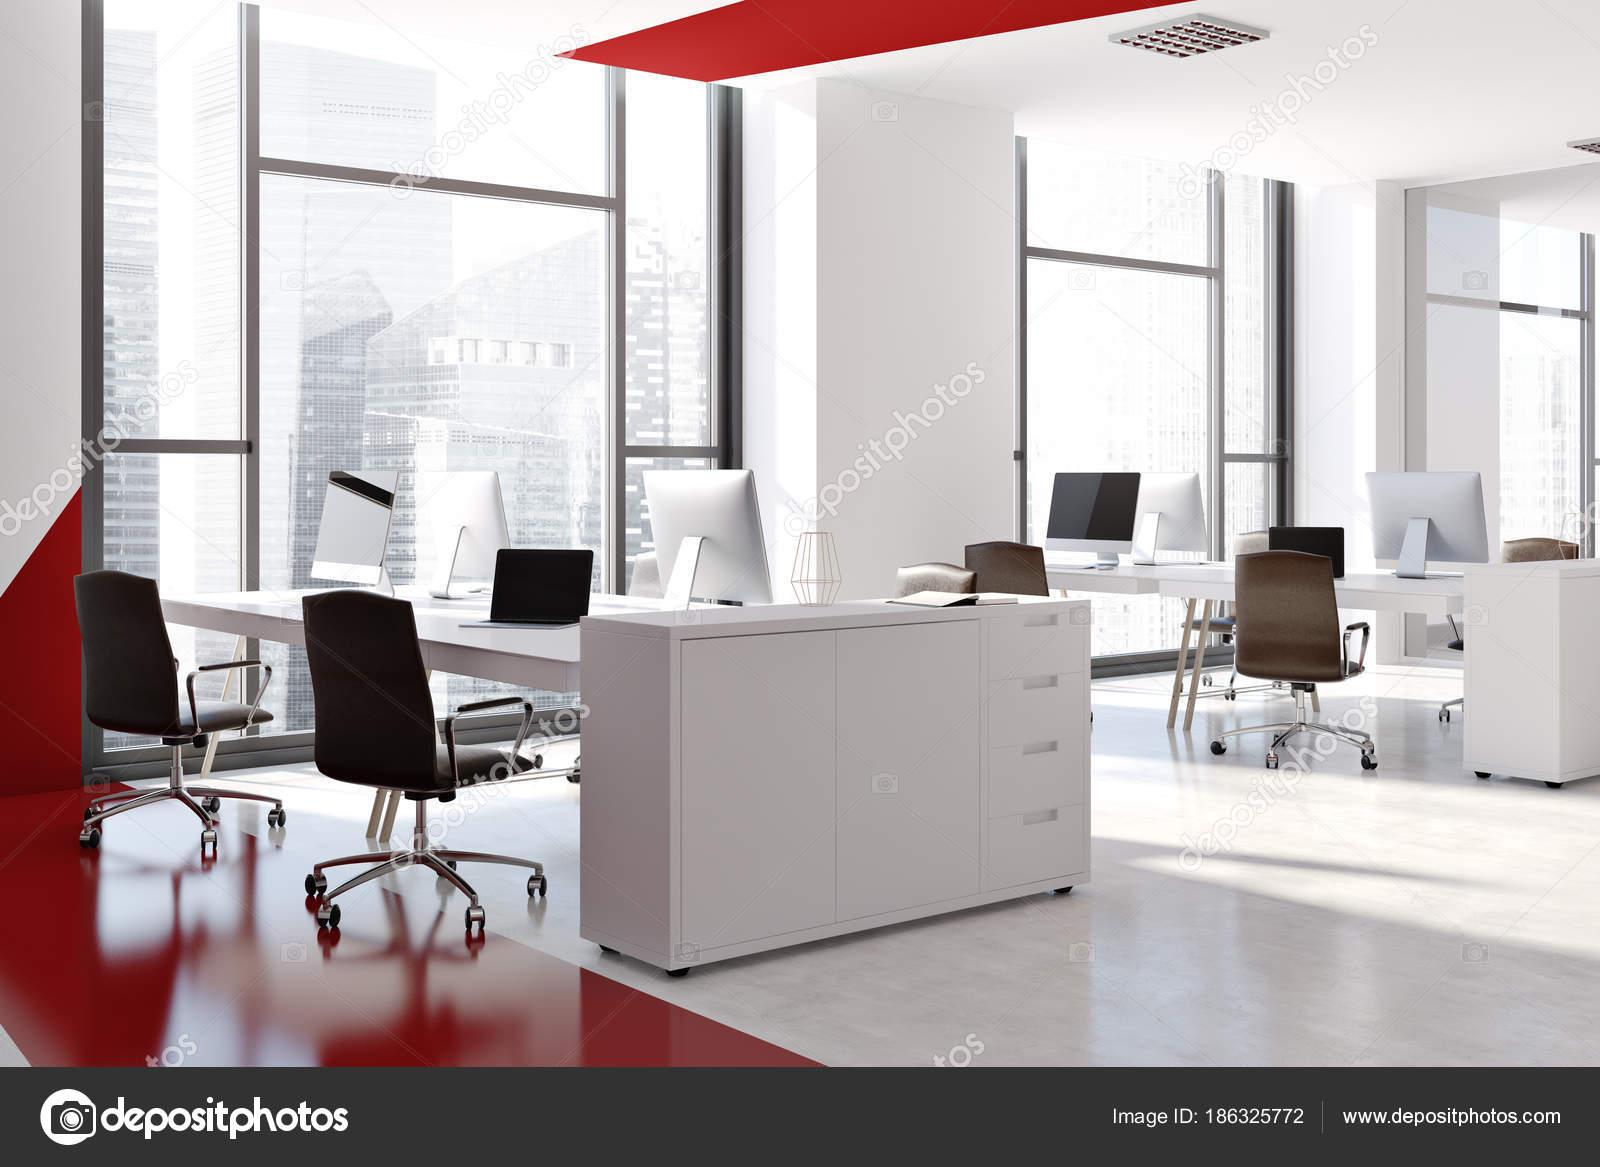 Rouge et blanc bureau moderne vue latérale u photographie